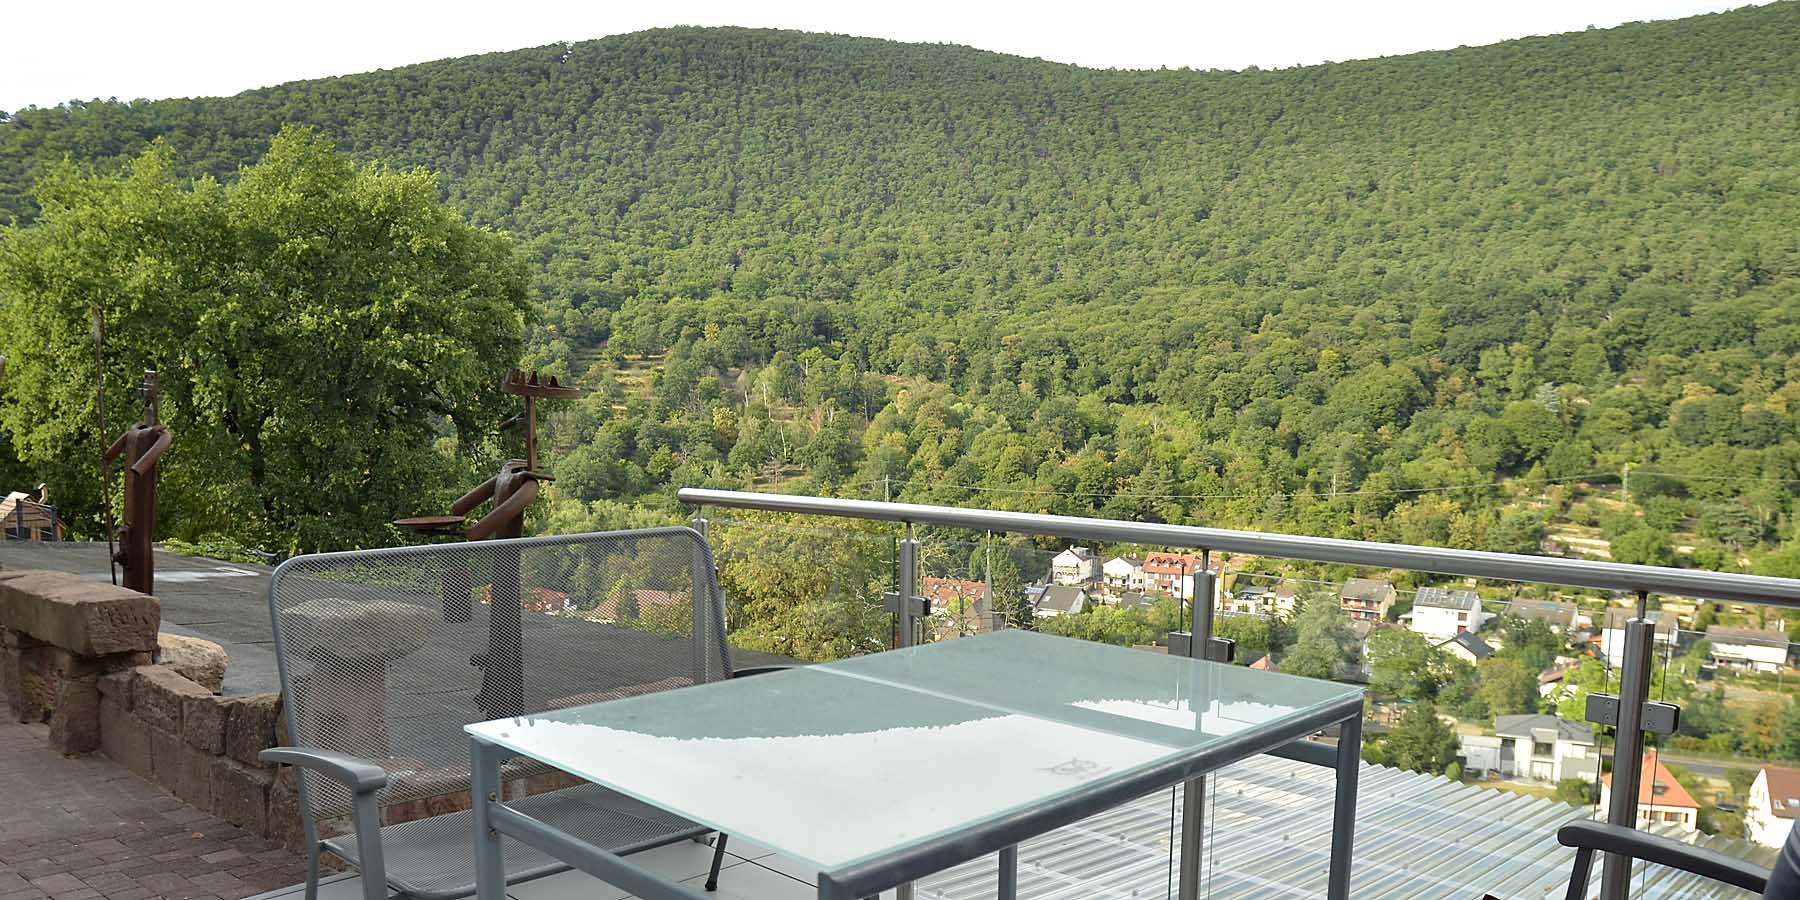 Ferienwohnung Uhuherz, Pfalz - exponierte Lage mit Panoramablick über den Pfälzerwald und Neustadt an der Weinstraße